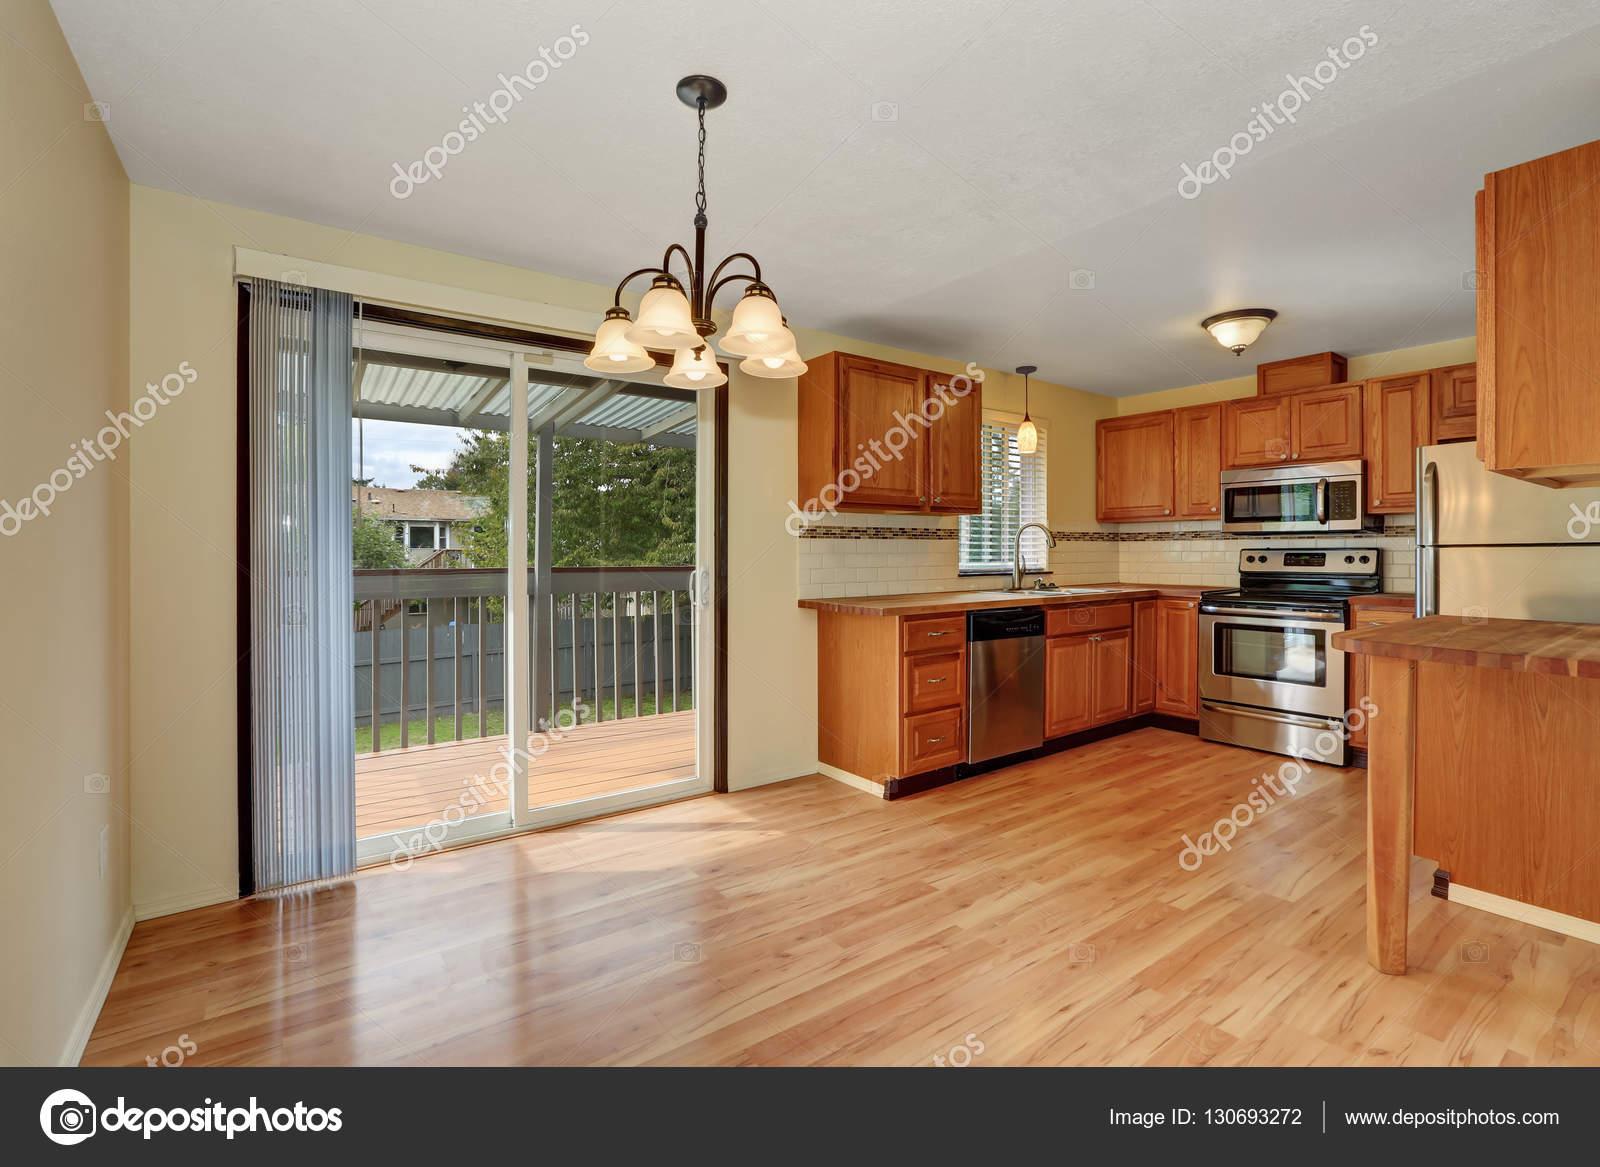 Vloer Voor Balkon : Houten keuken interieur met hardhouten vloer en uitgang naar het